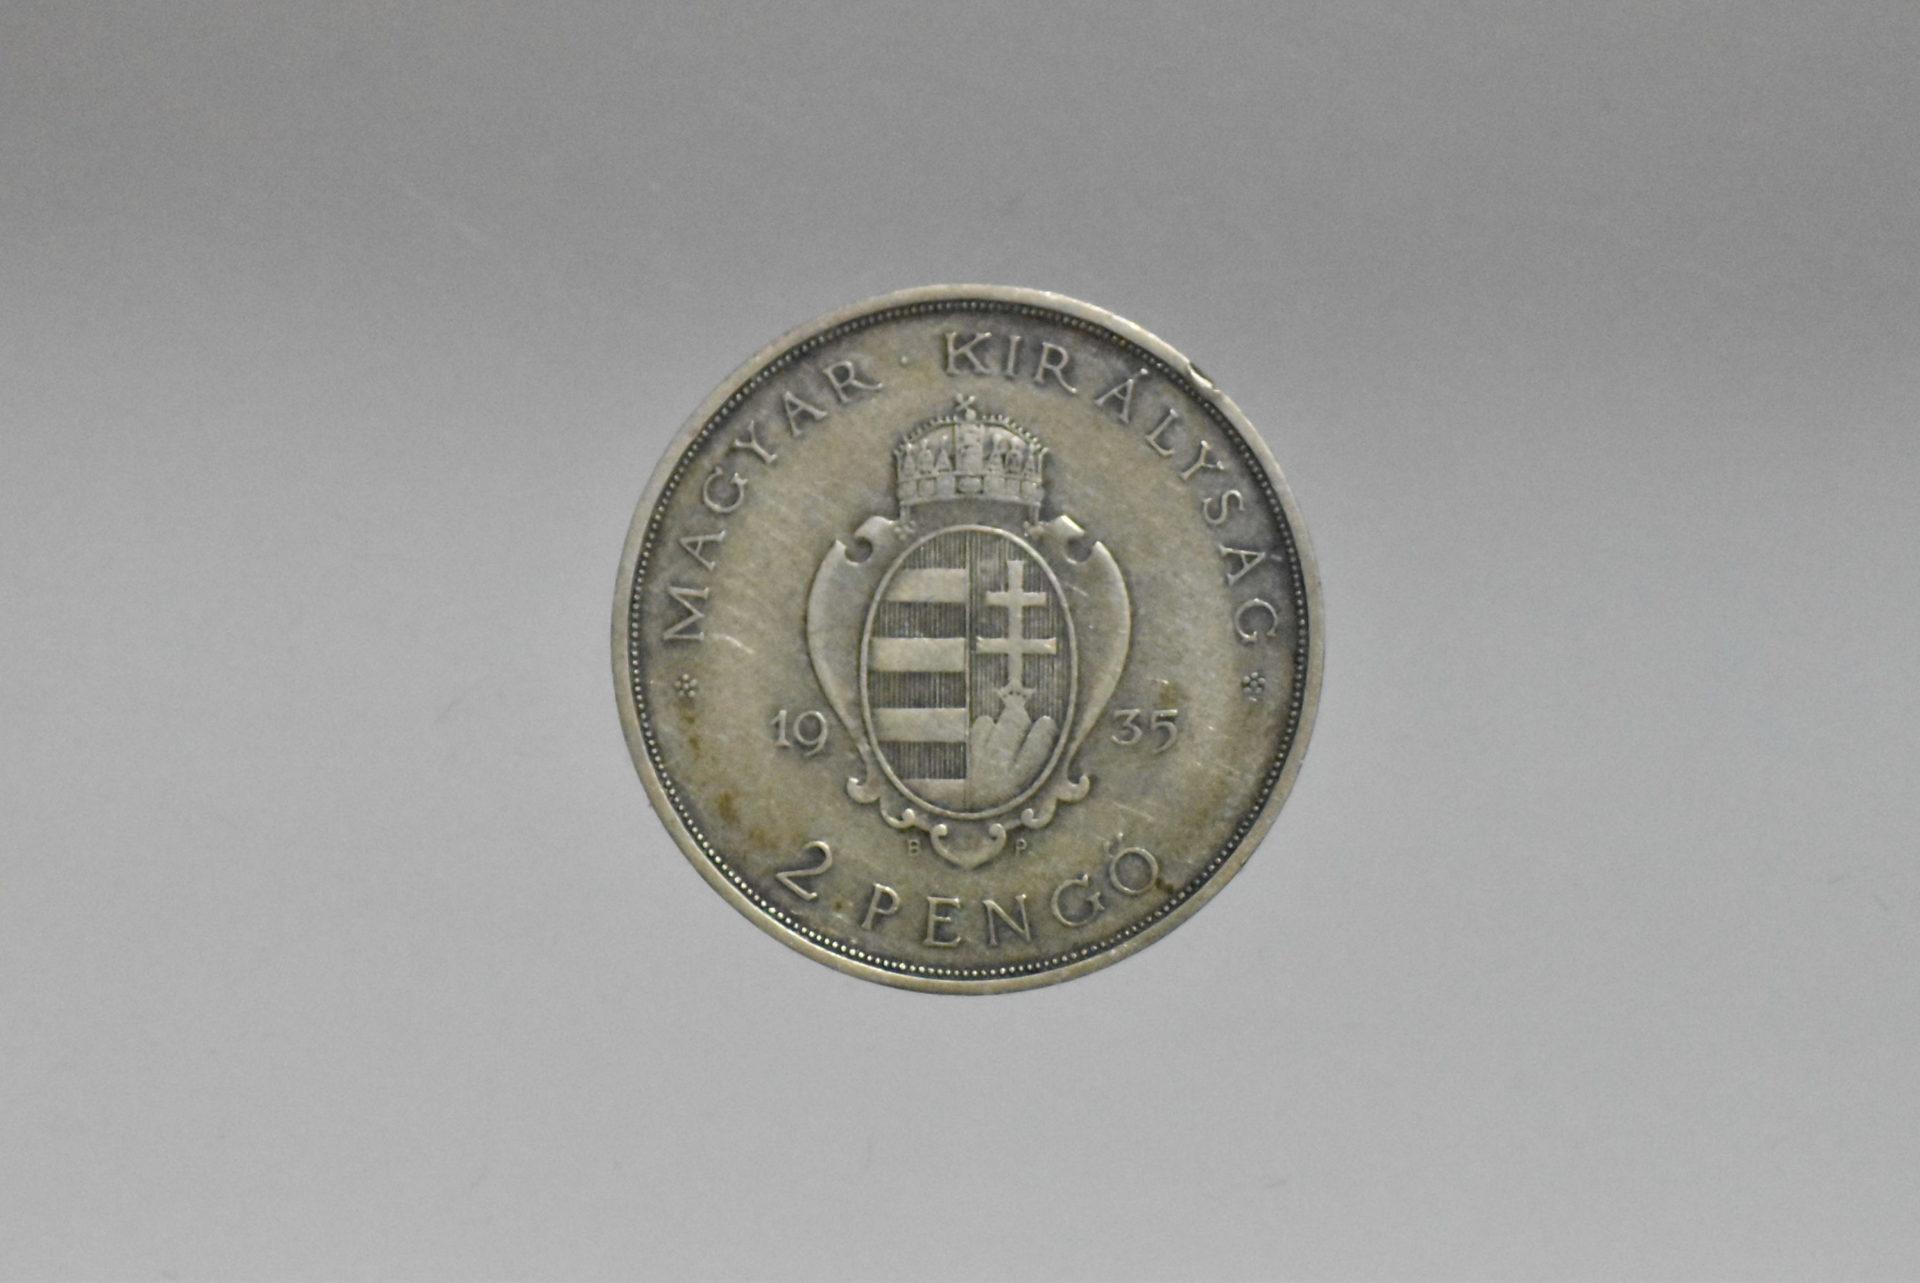 1936 Pázmány ezüst 2 pengő